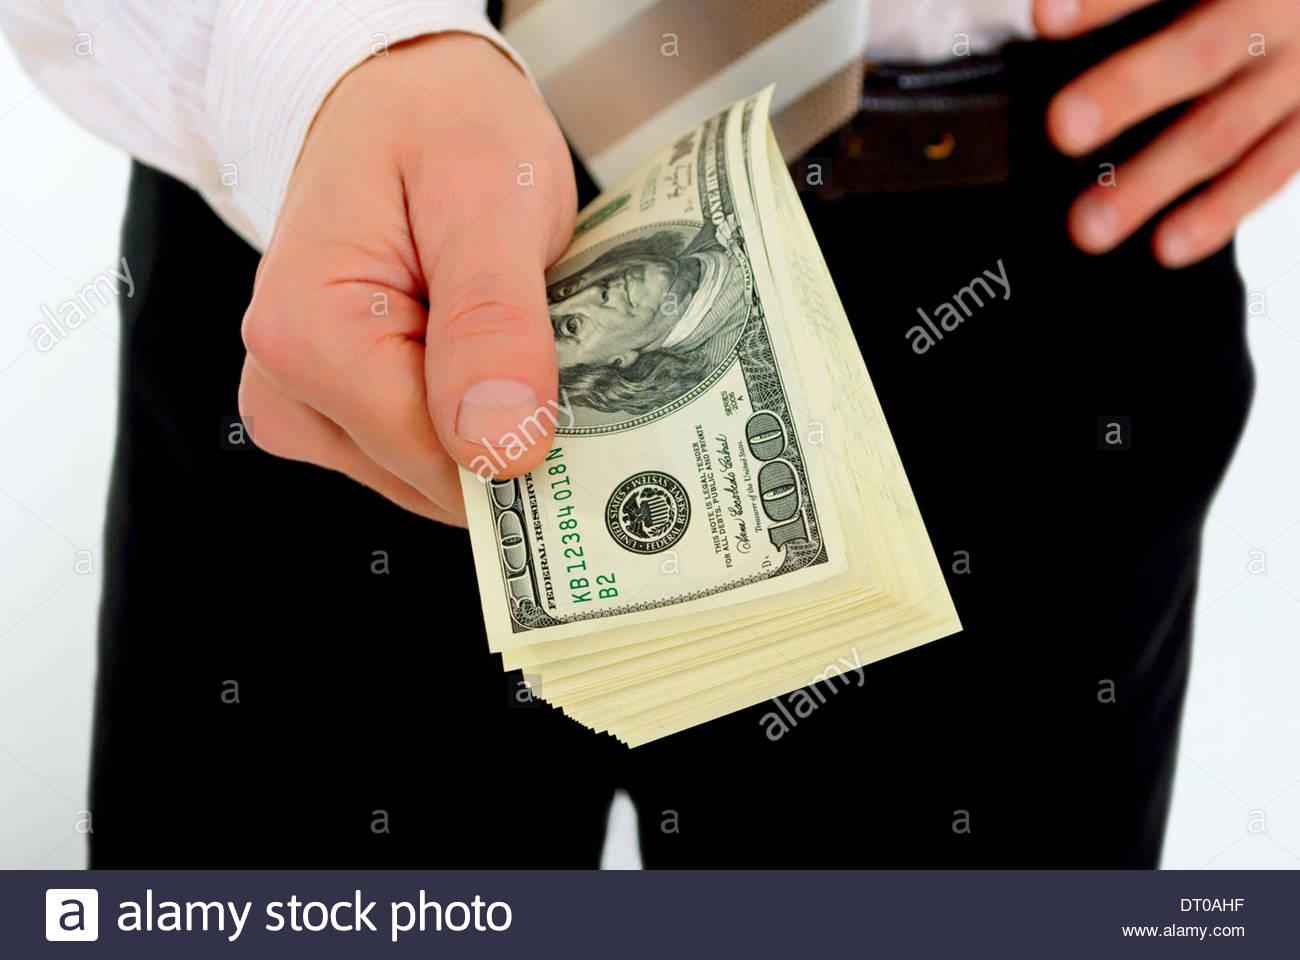 Bekommen Kredite in großem Maßstab. Stockbild